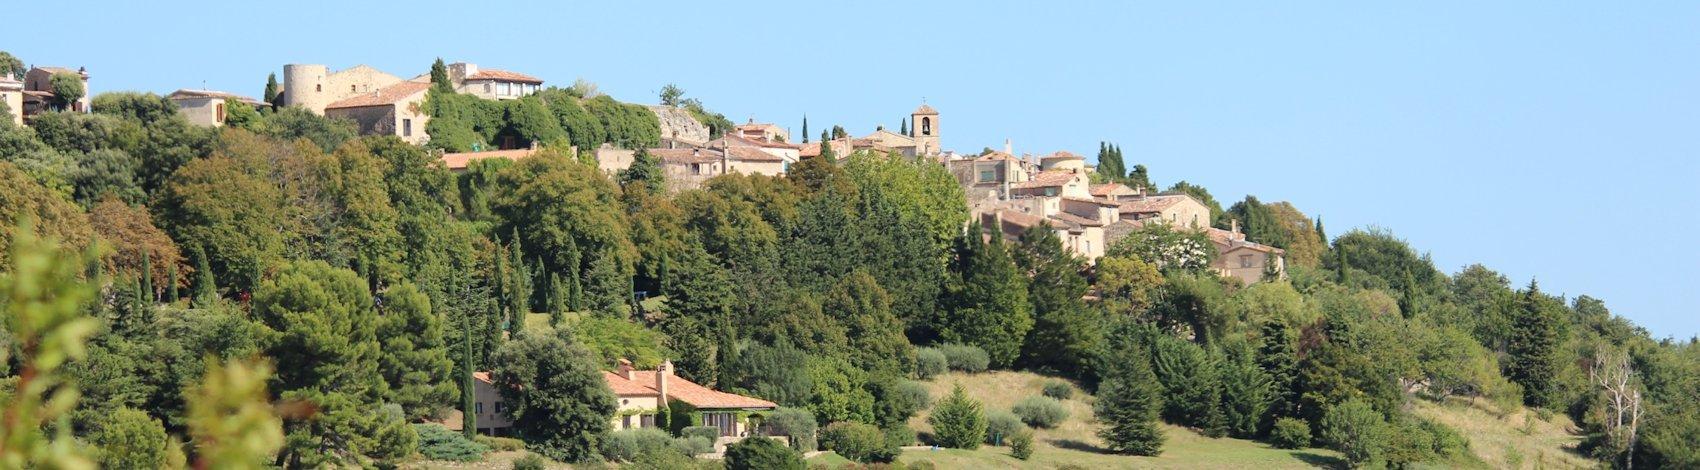 Tourtour (Var), le village dans le ciel